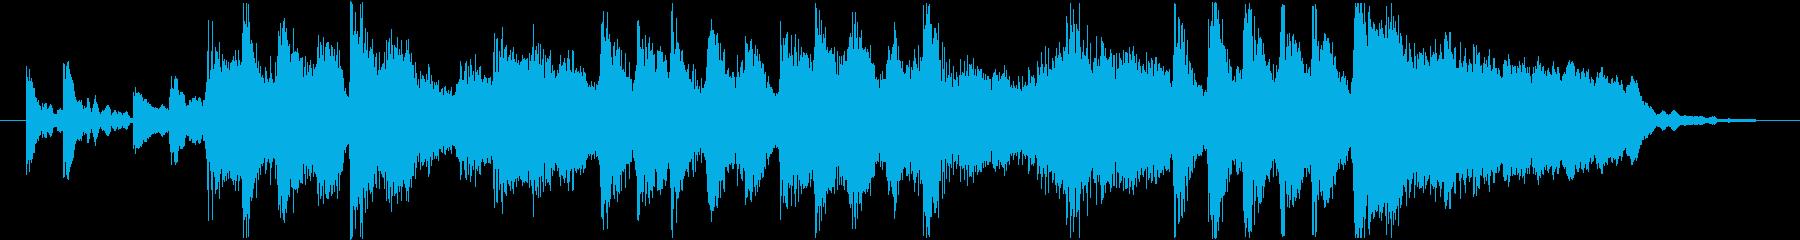 コーナータイトル_趣味番組の再生済みの波形